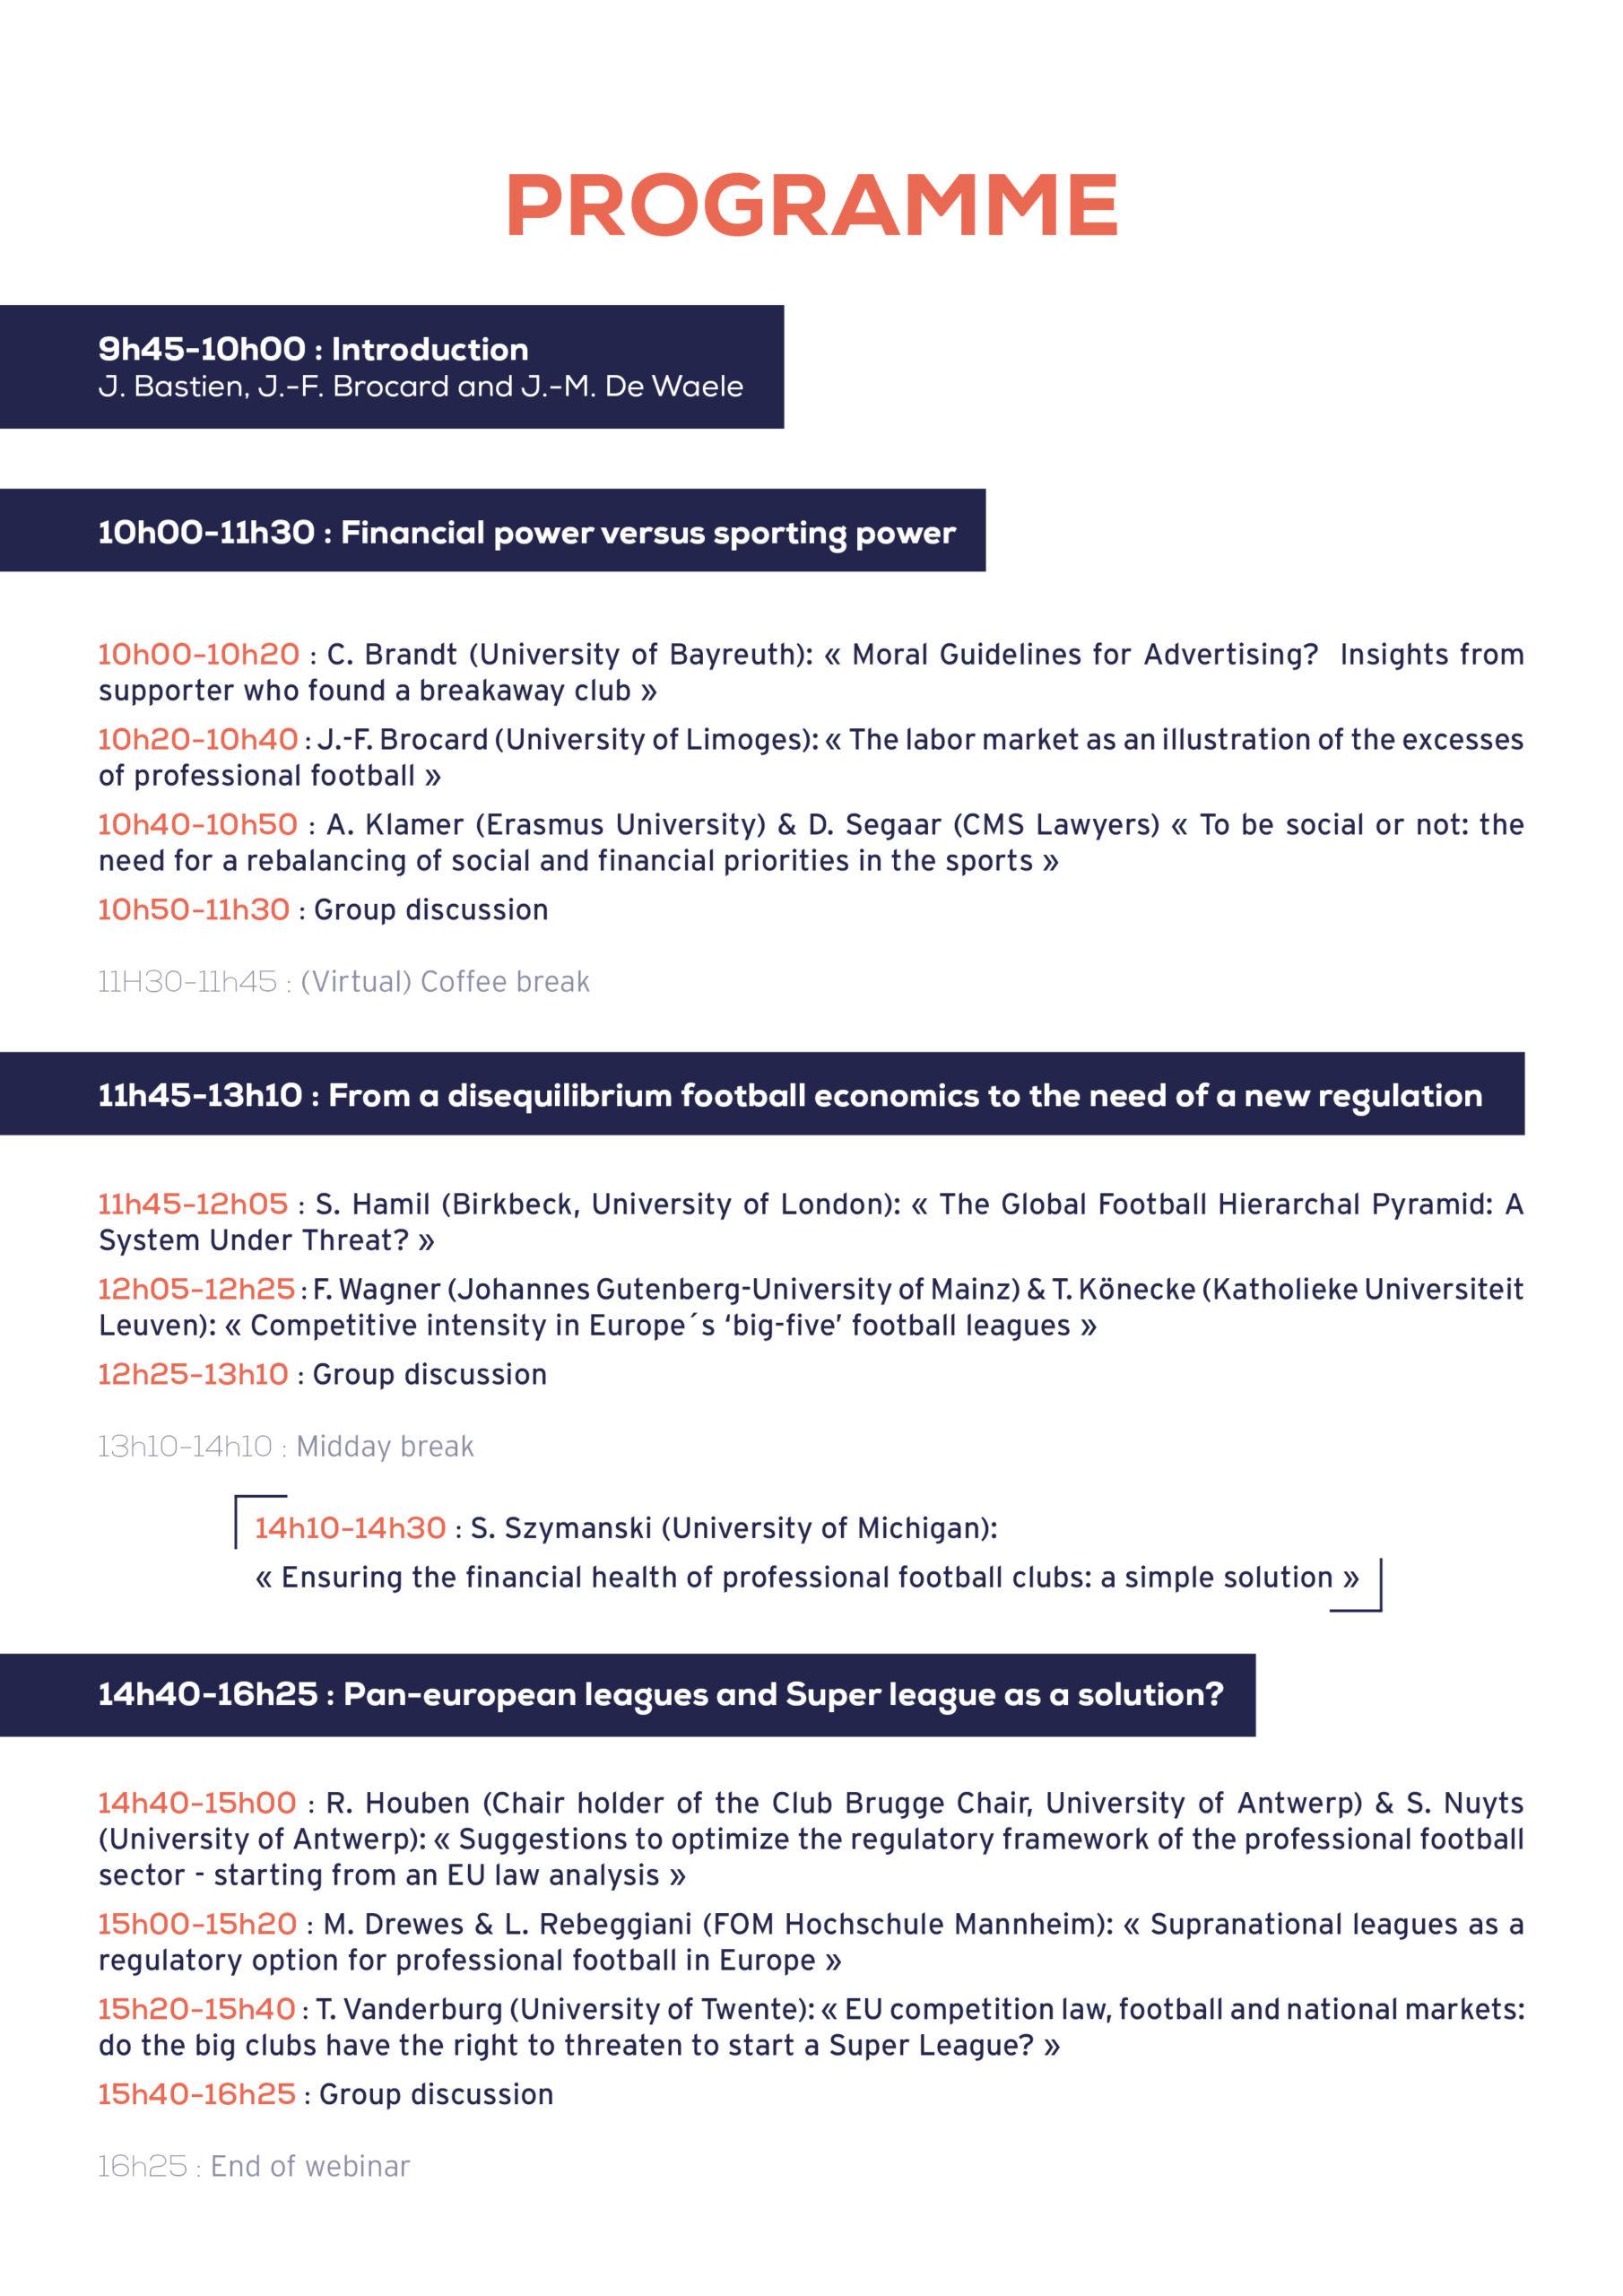 Webinar programm football regulation2